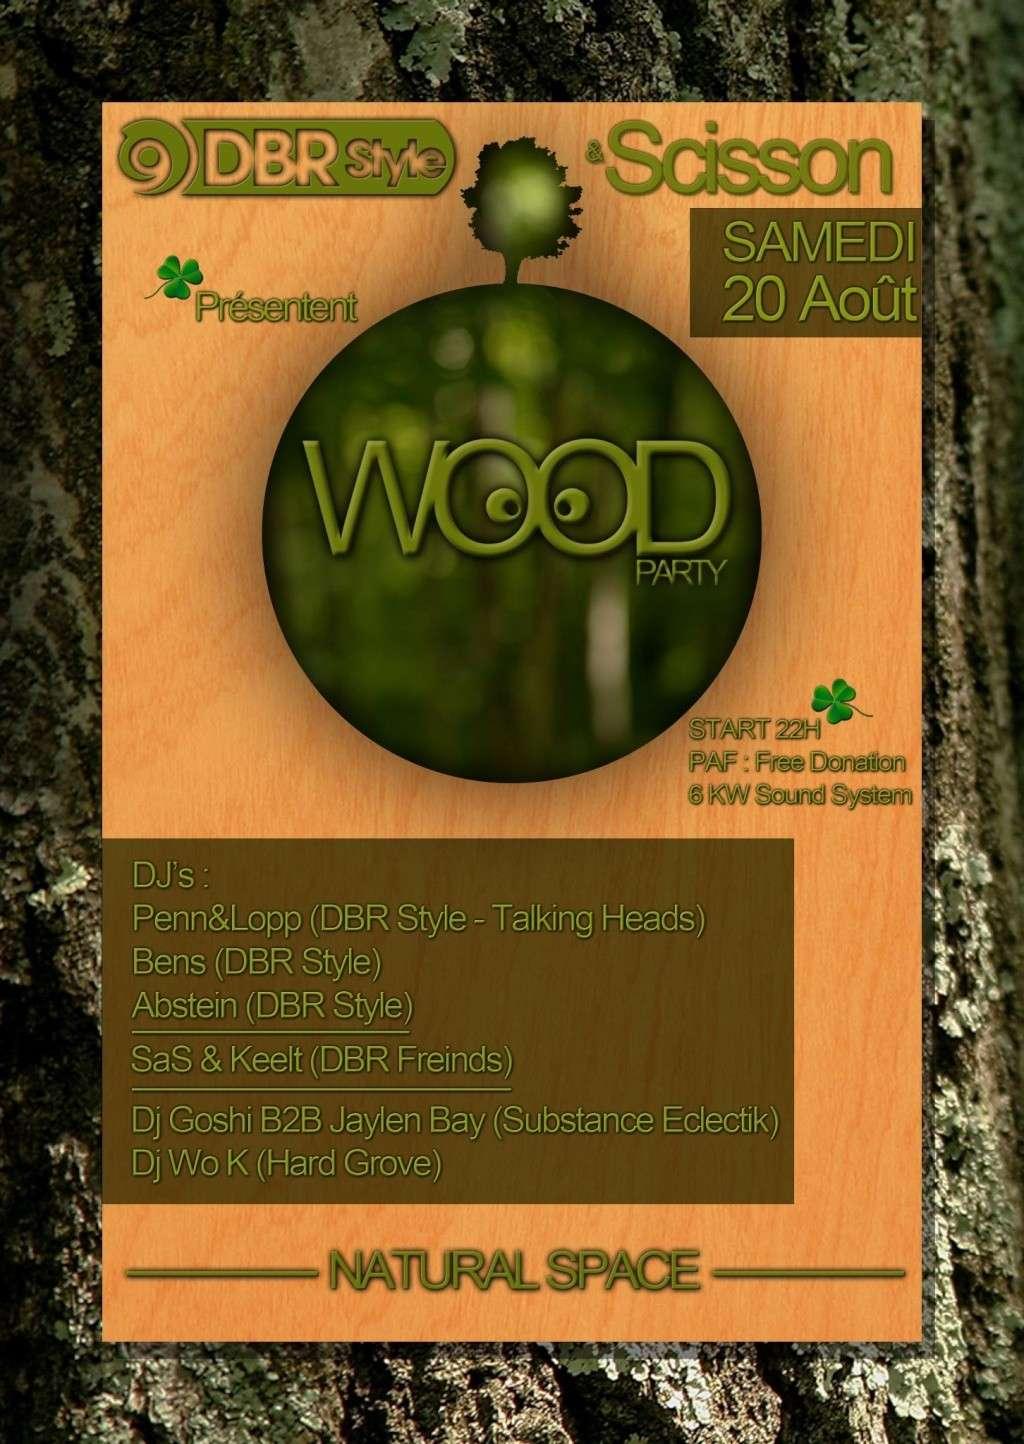 [TECHNO] DJ Wo K - WoOd Party (20-08-11)   28585210